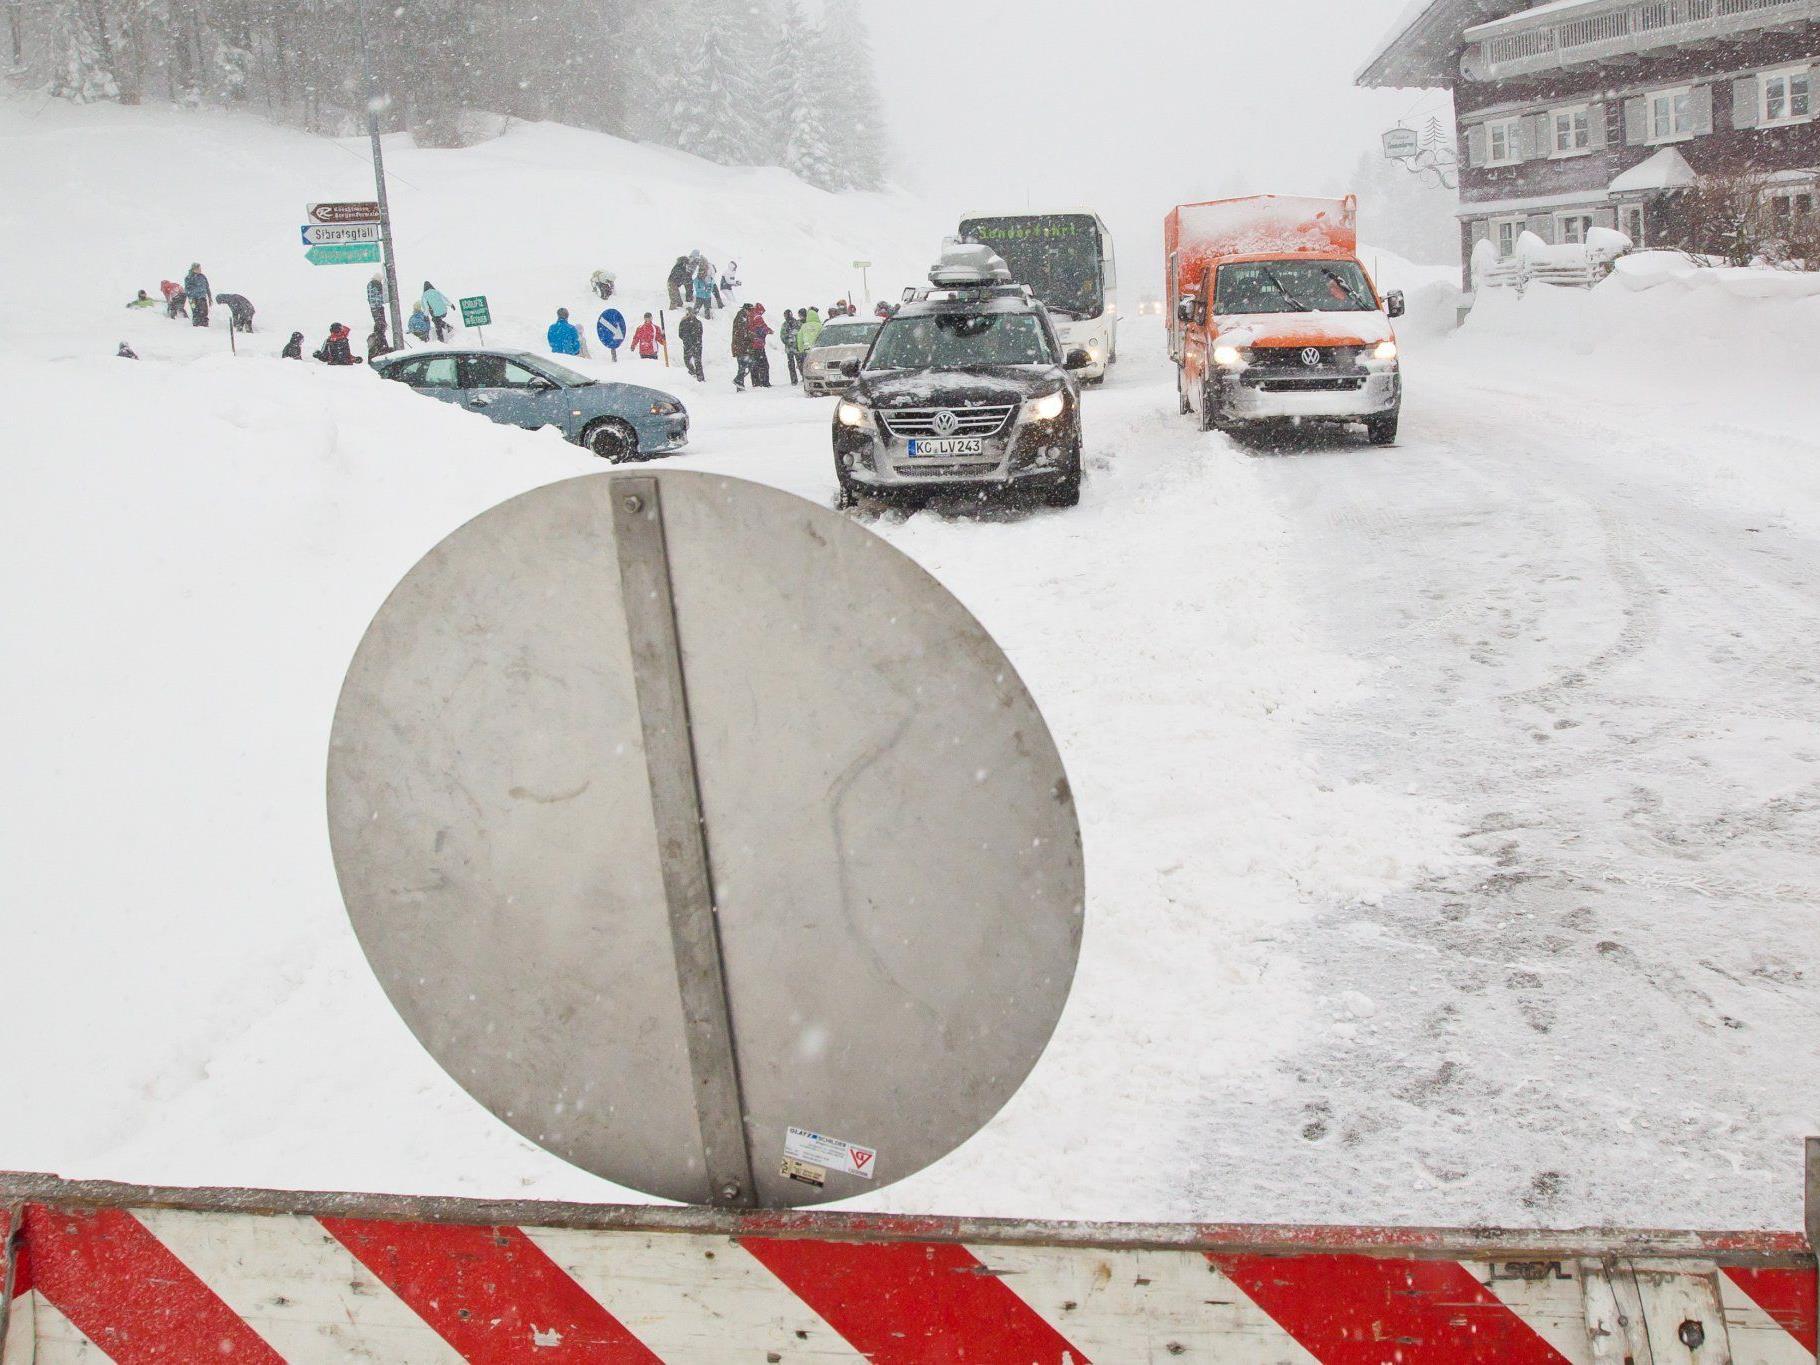 Schneemassen im Jänner und Februar legten Vorarlberg lahm.